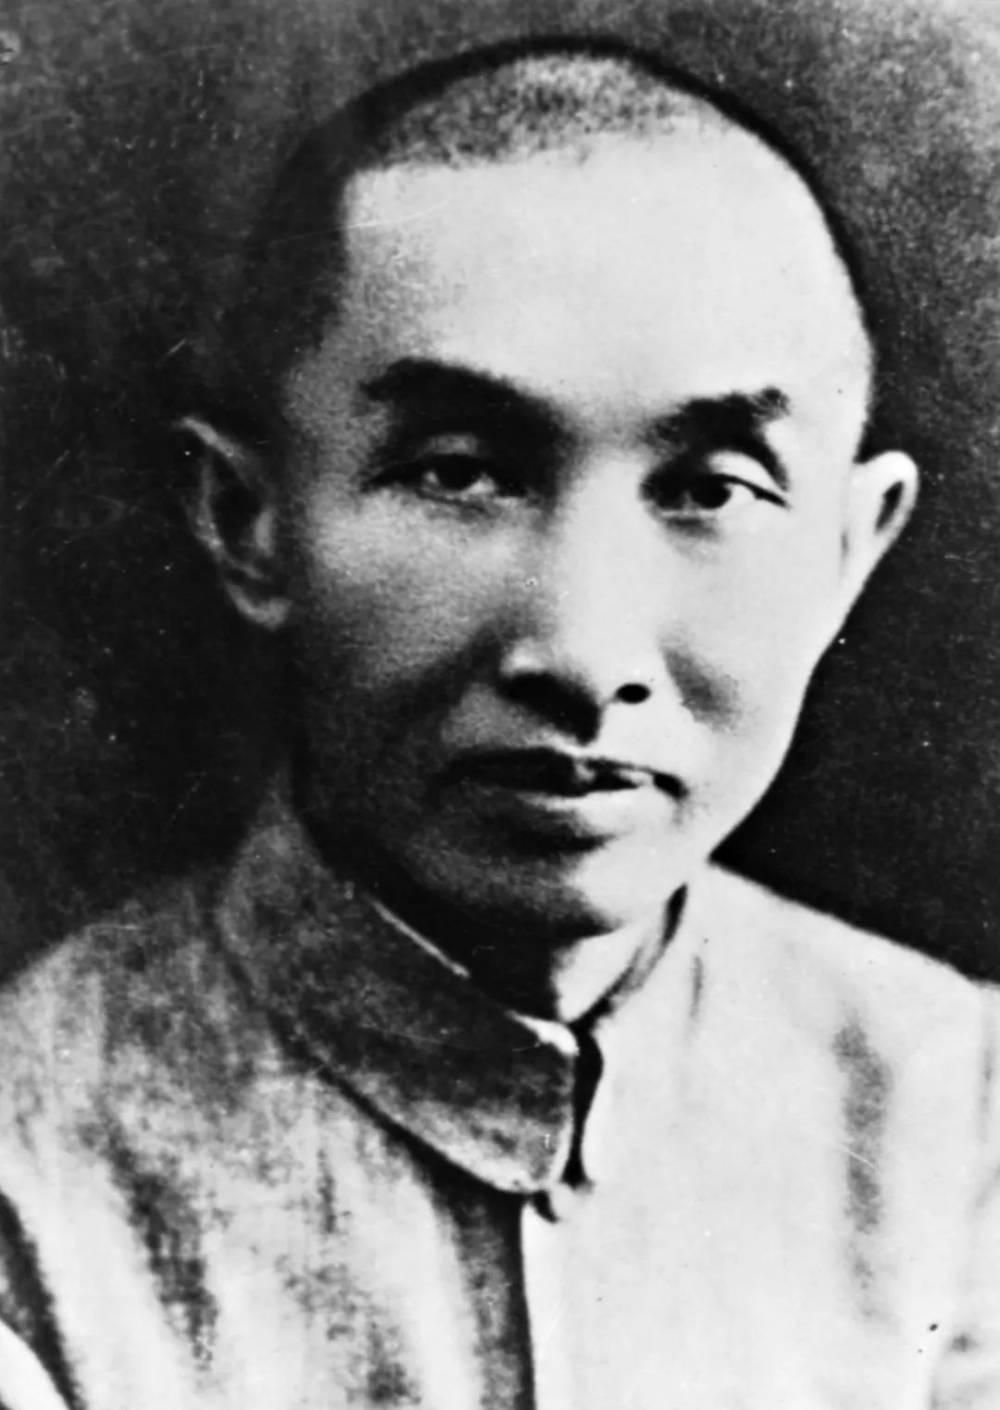 重庆珍档丨北碚这些抗战记忆,你知道多少?